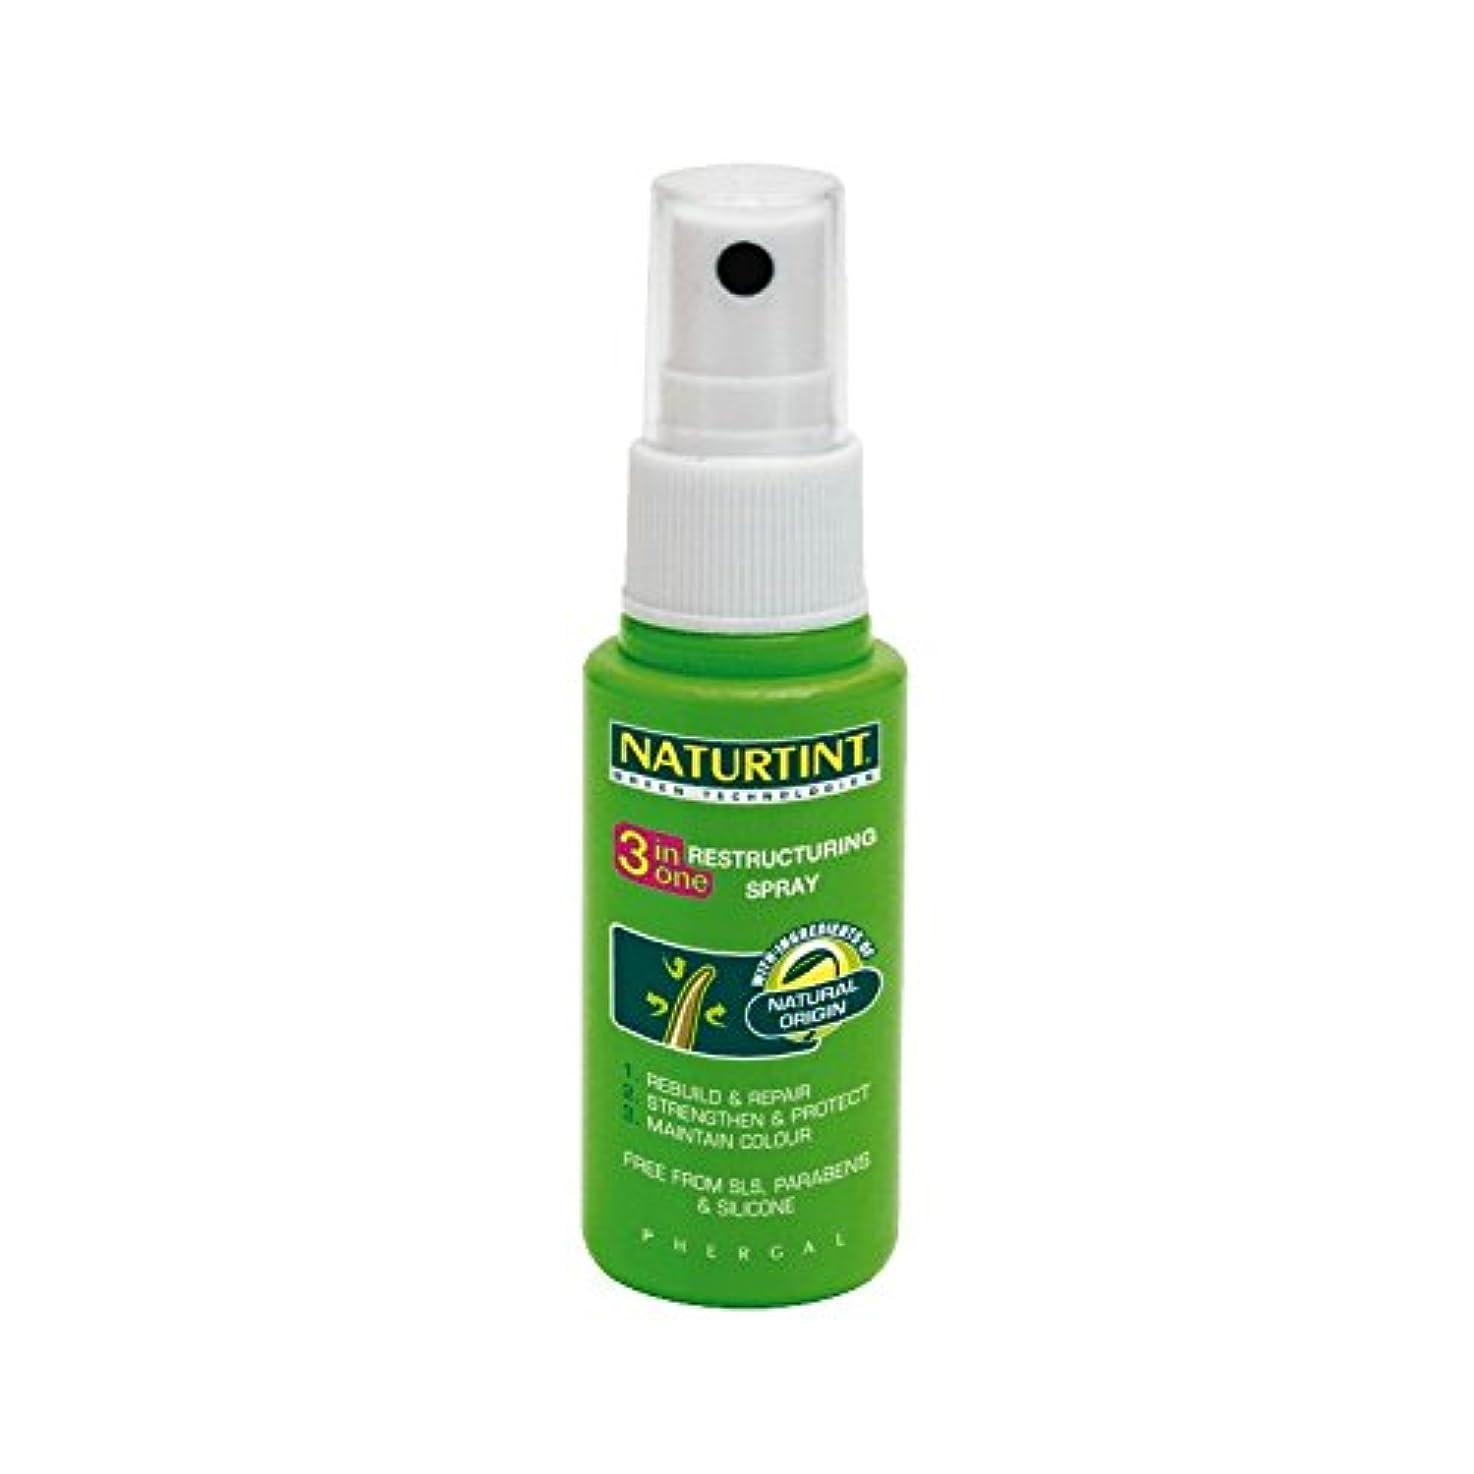 有効顕微鏡苛性1リストラスプレーでNaturtint 3 - Naturtint 3 in 1 Restructuring Spray (Naturtint) [並行輸入品]